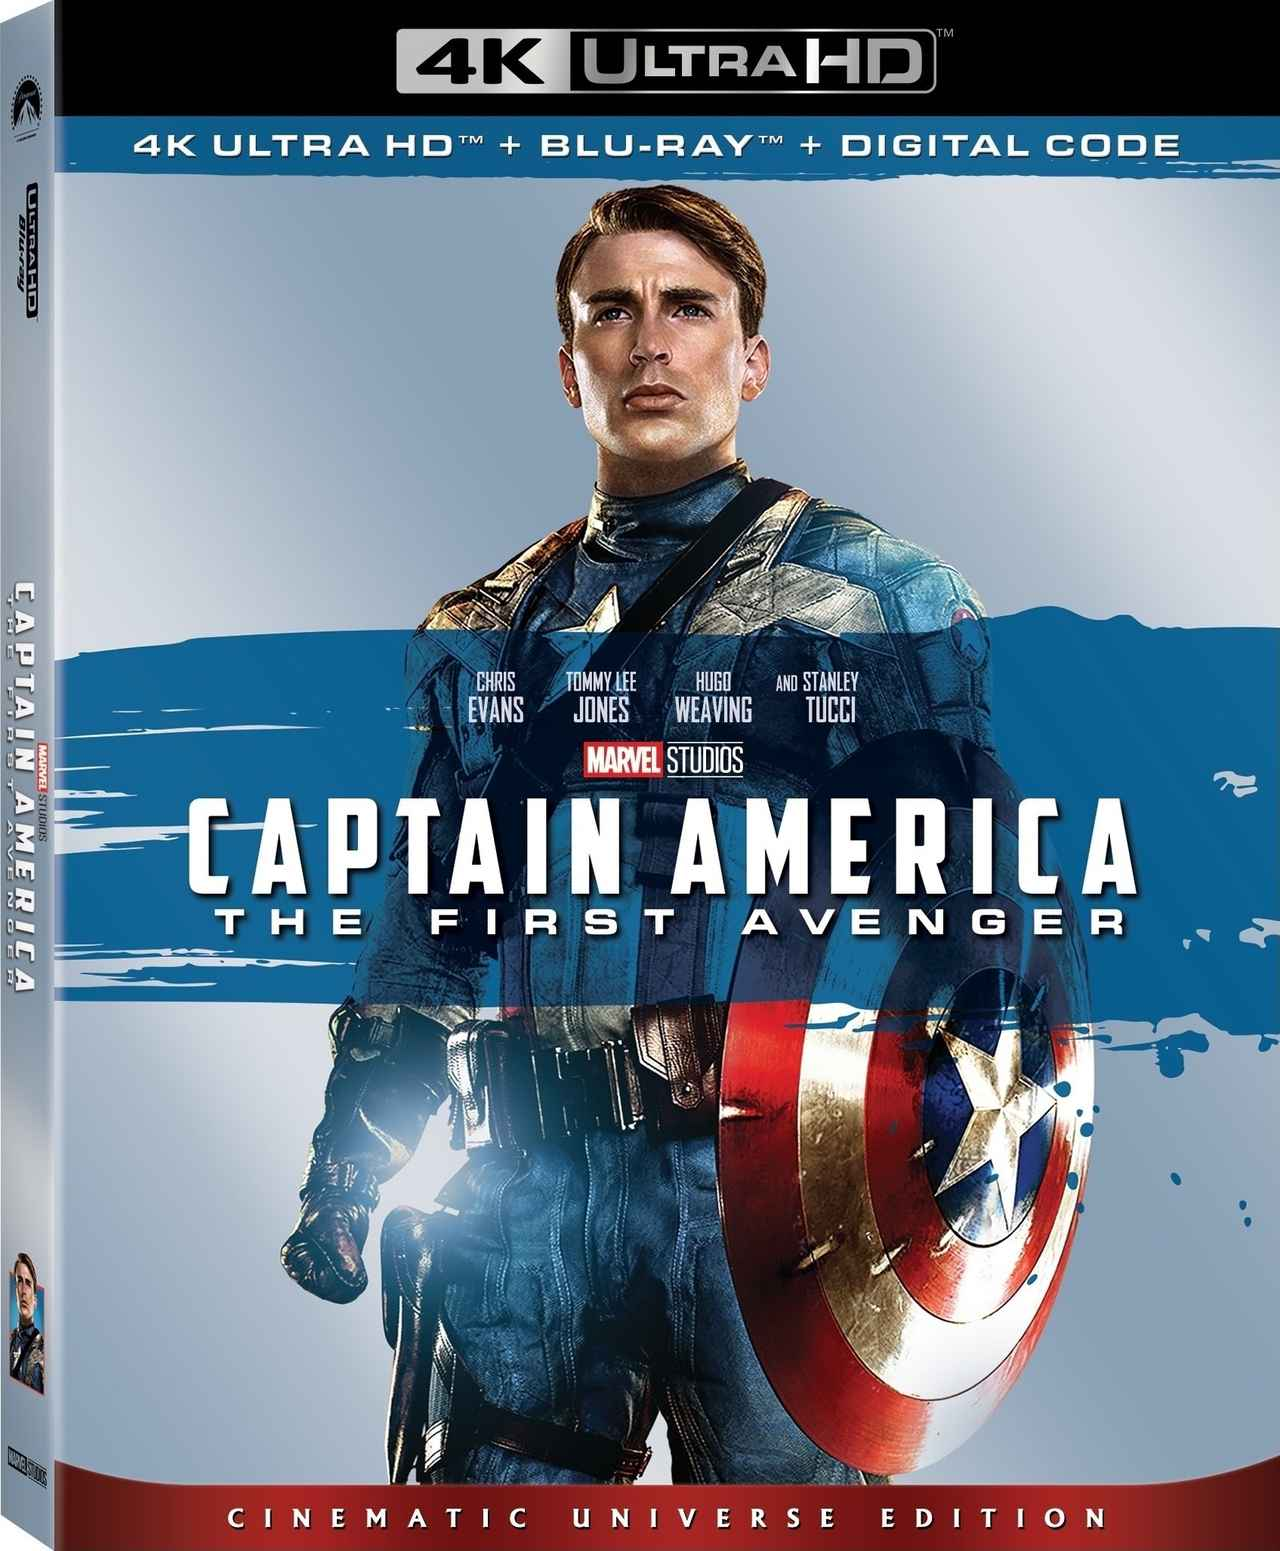 画像: 大人気シリーズ第1作が4Kリリース『キャプテン・アメリカ ザ・ファースト・アベンジャー』【海外盤Blu-ray発売情報】